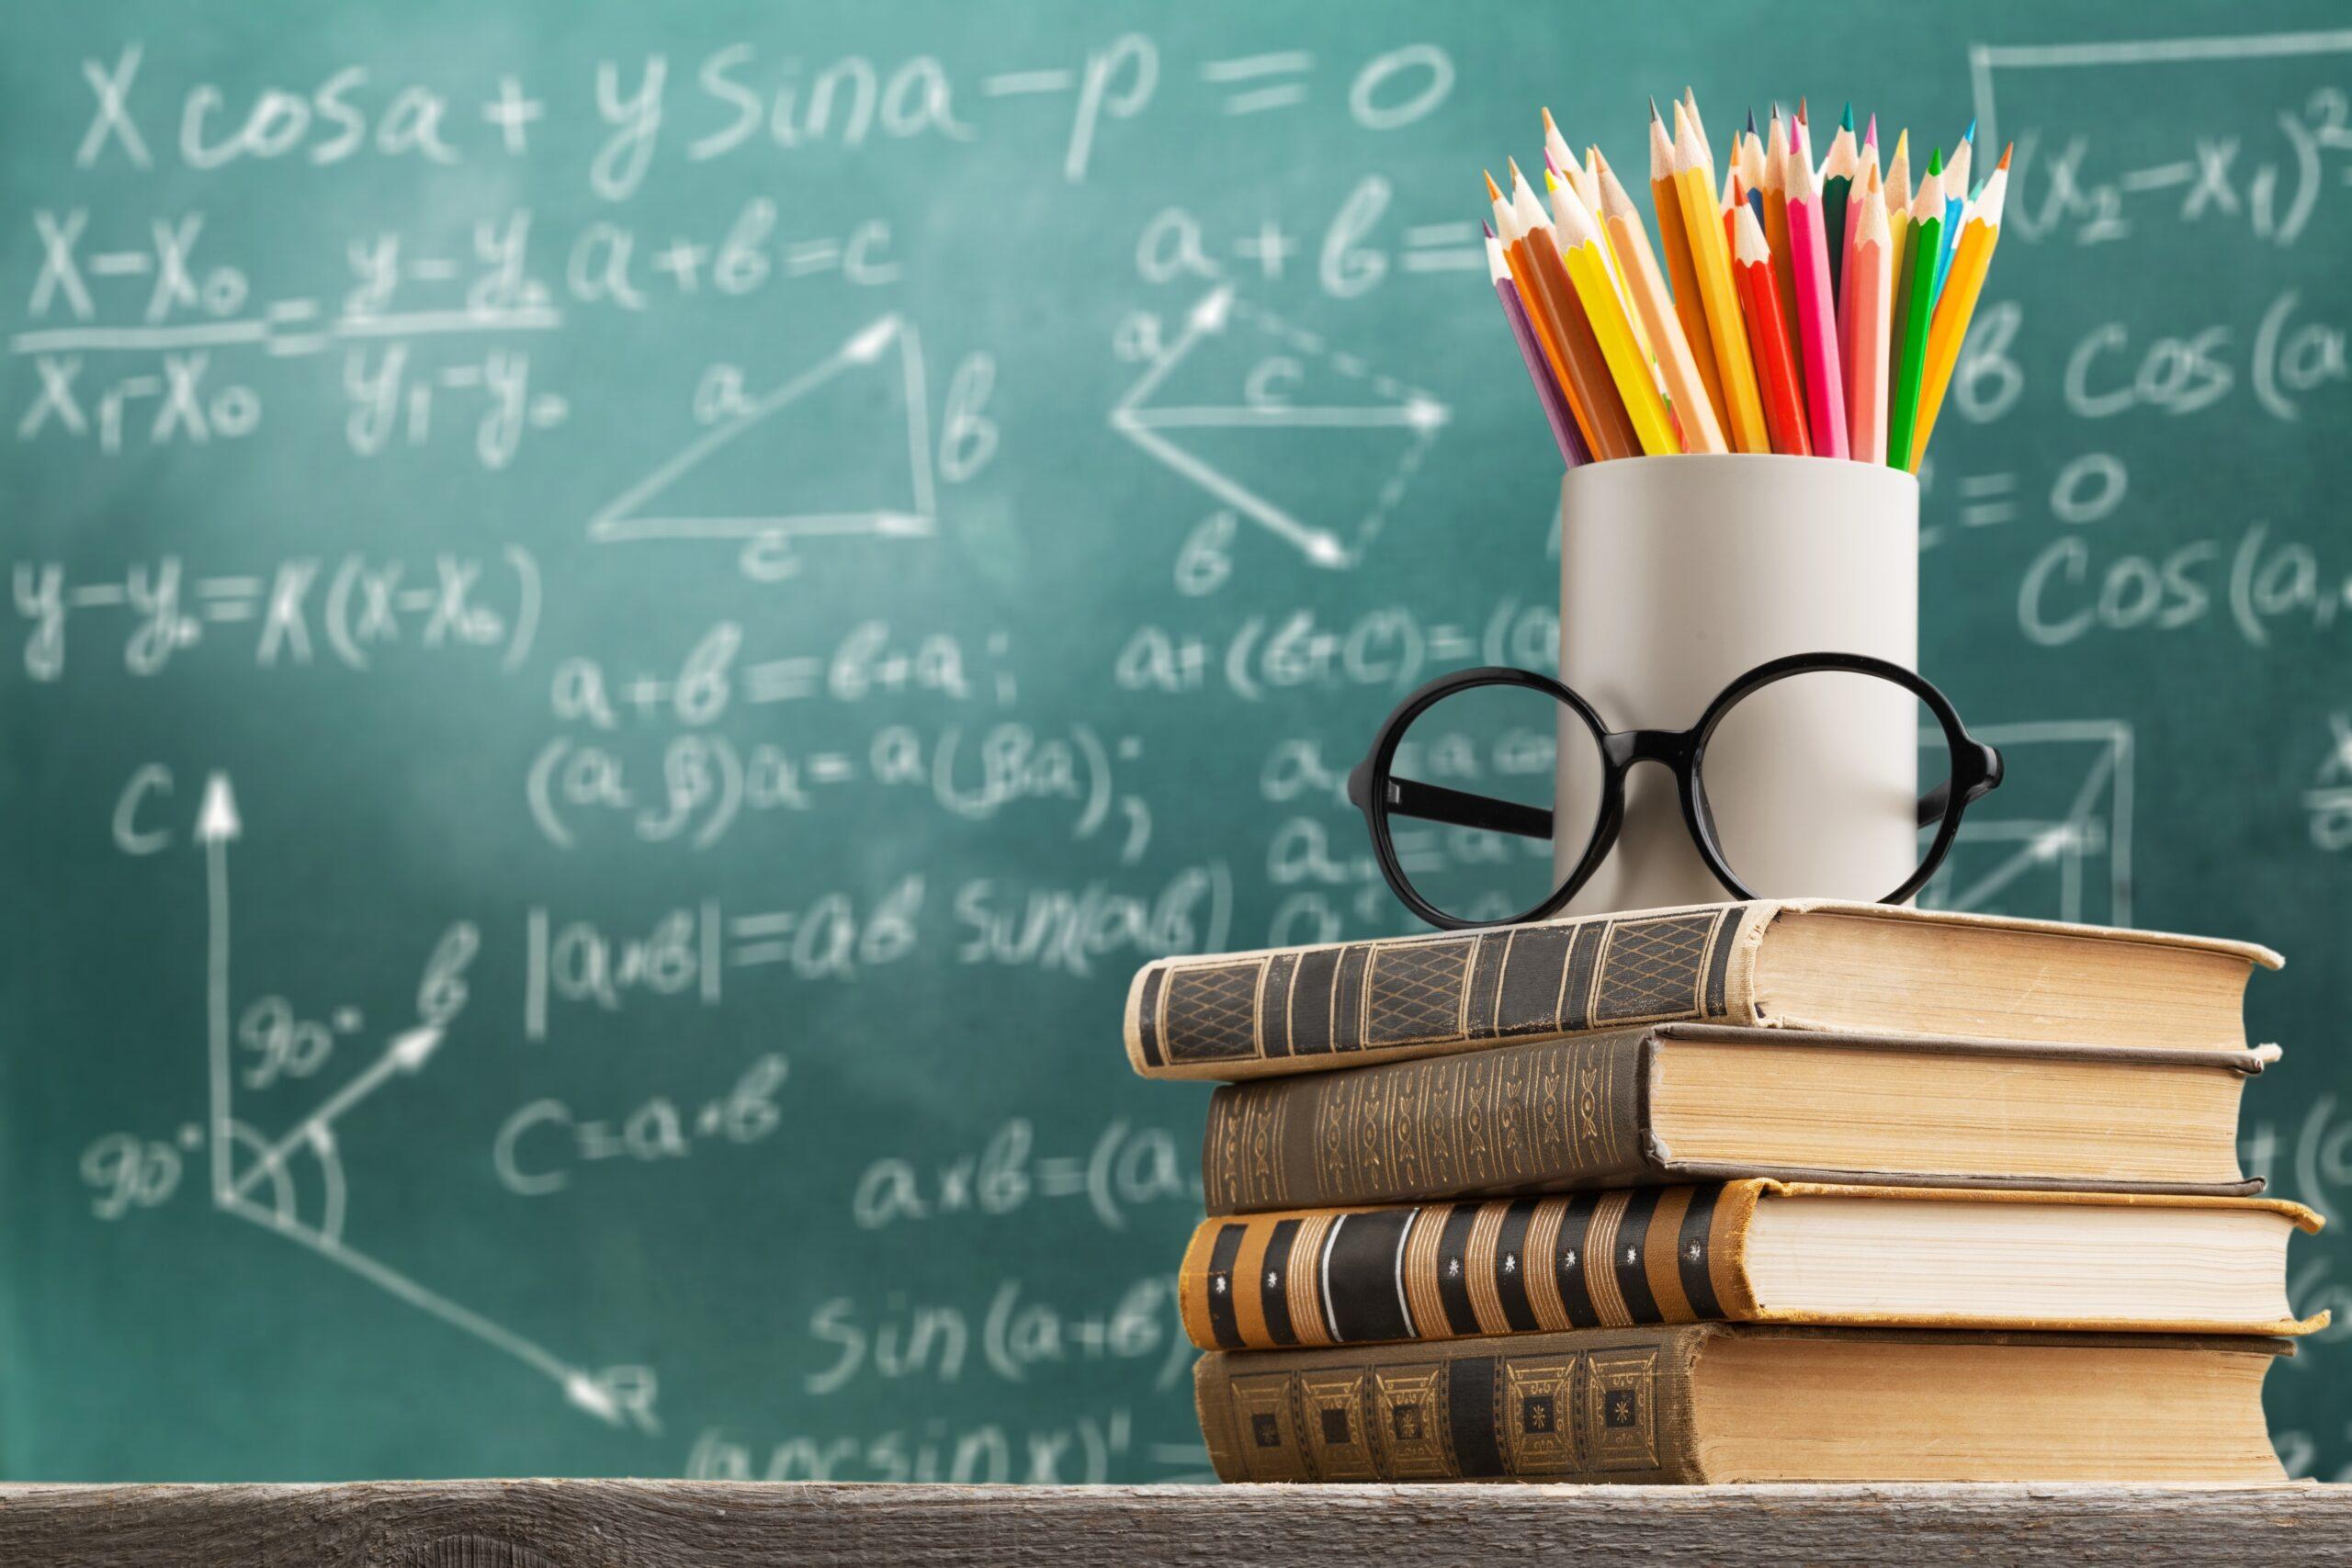 私立高校の授業料が無償化!シングルマザー向けに制度の要点をやさしく解説